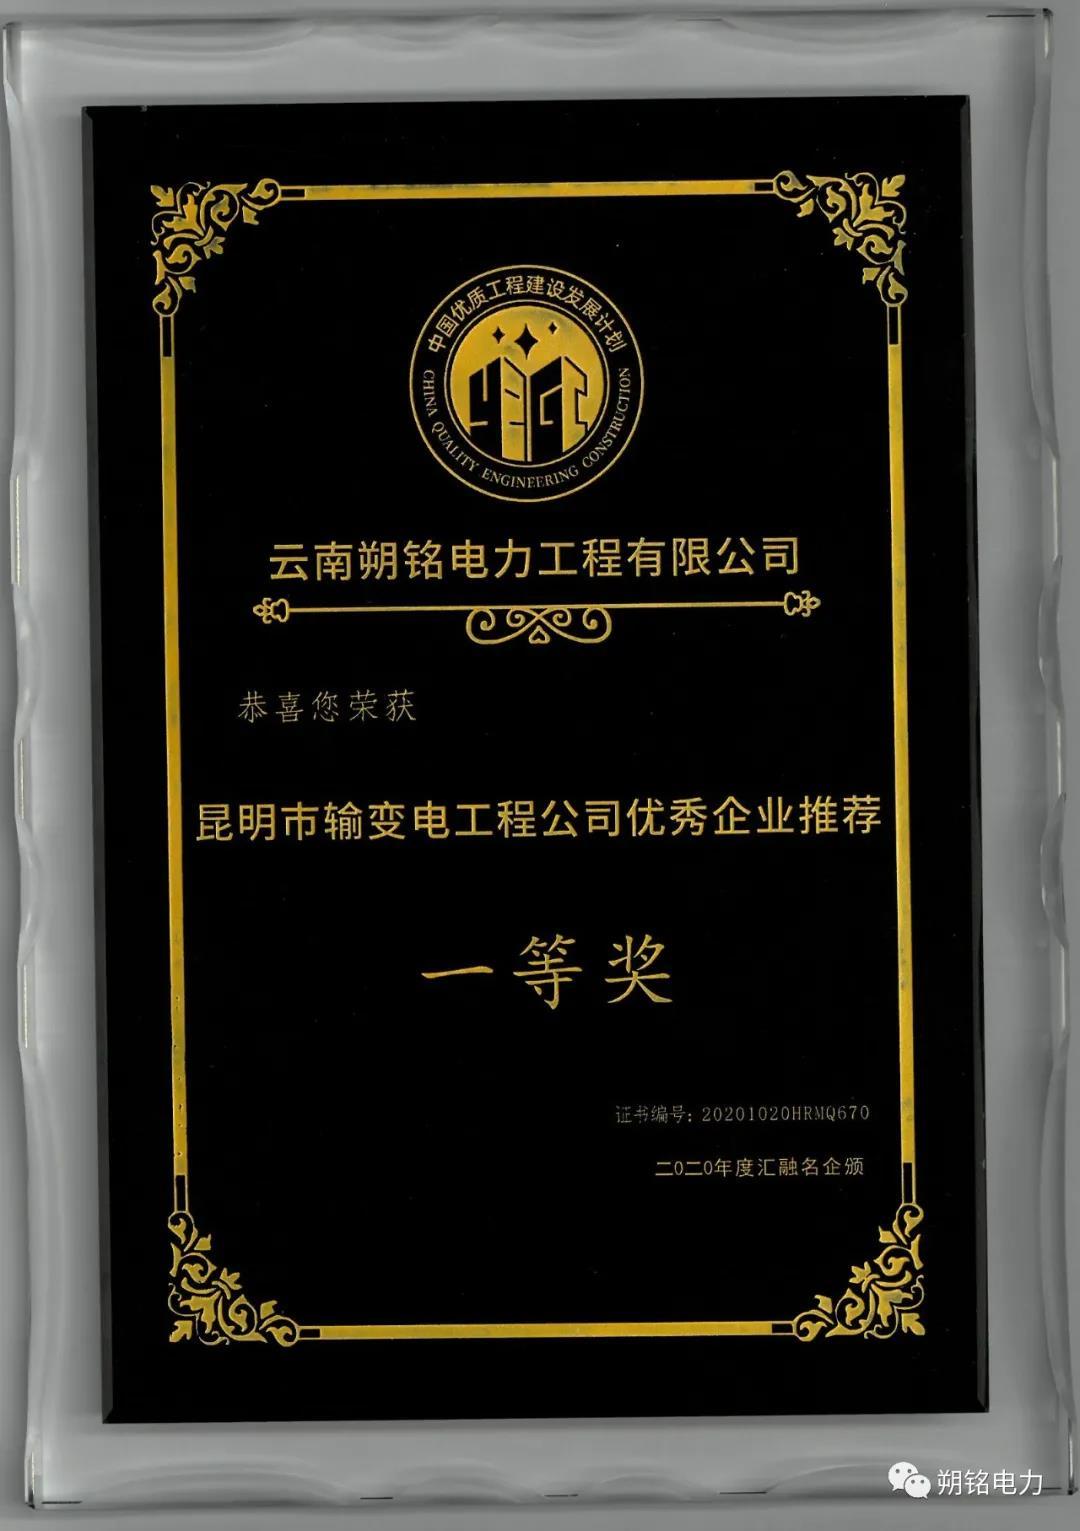 """""""朔铭电力""""获昆明输变电工程优秀企业一等奖2.jpg"""